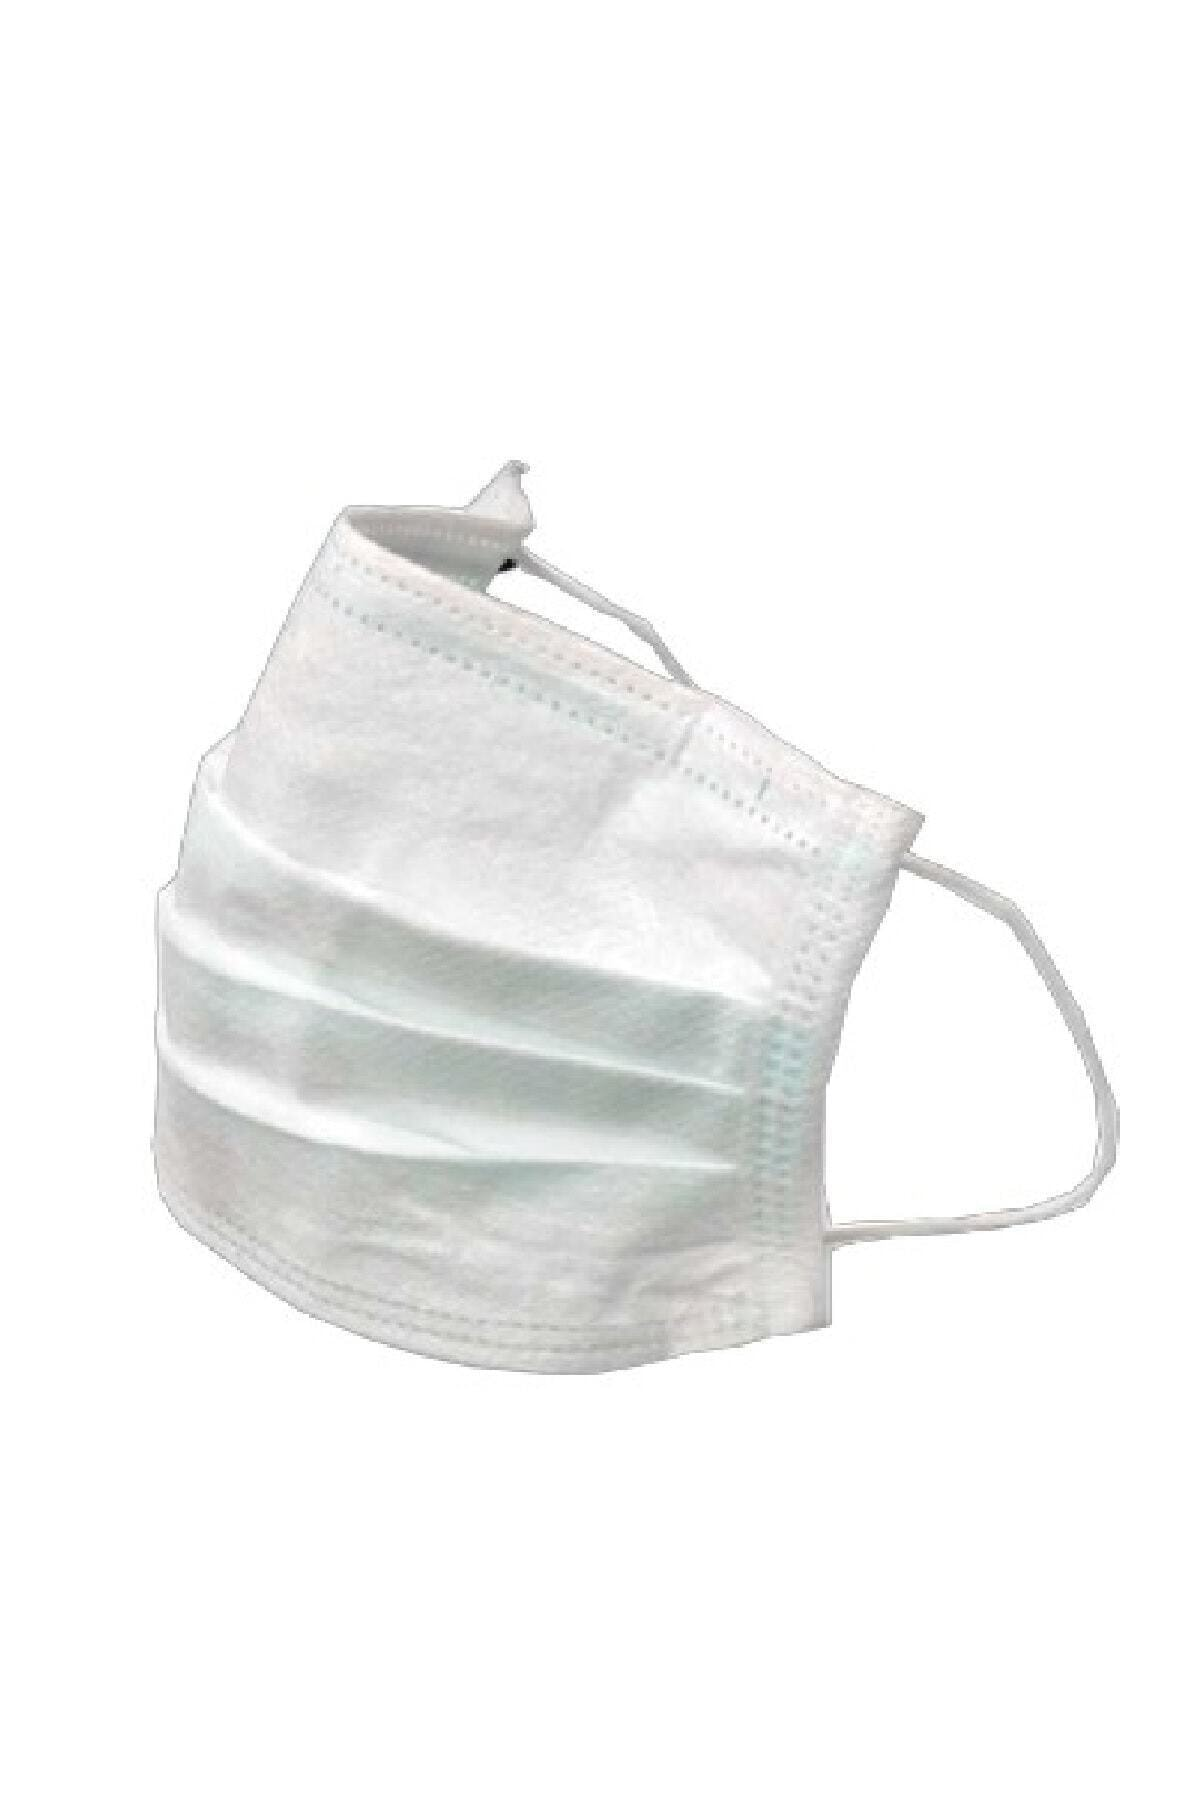 50 Adet Telli 3 Katlı Ultrasonik Cerrahi Burun Telli Maske - Ce Belgeli Sterilize Kutu